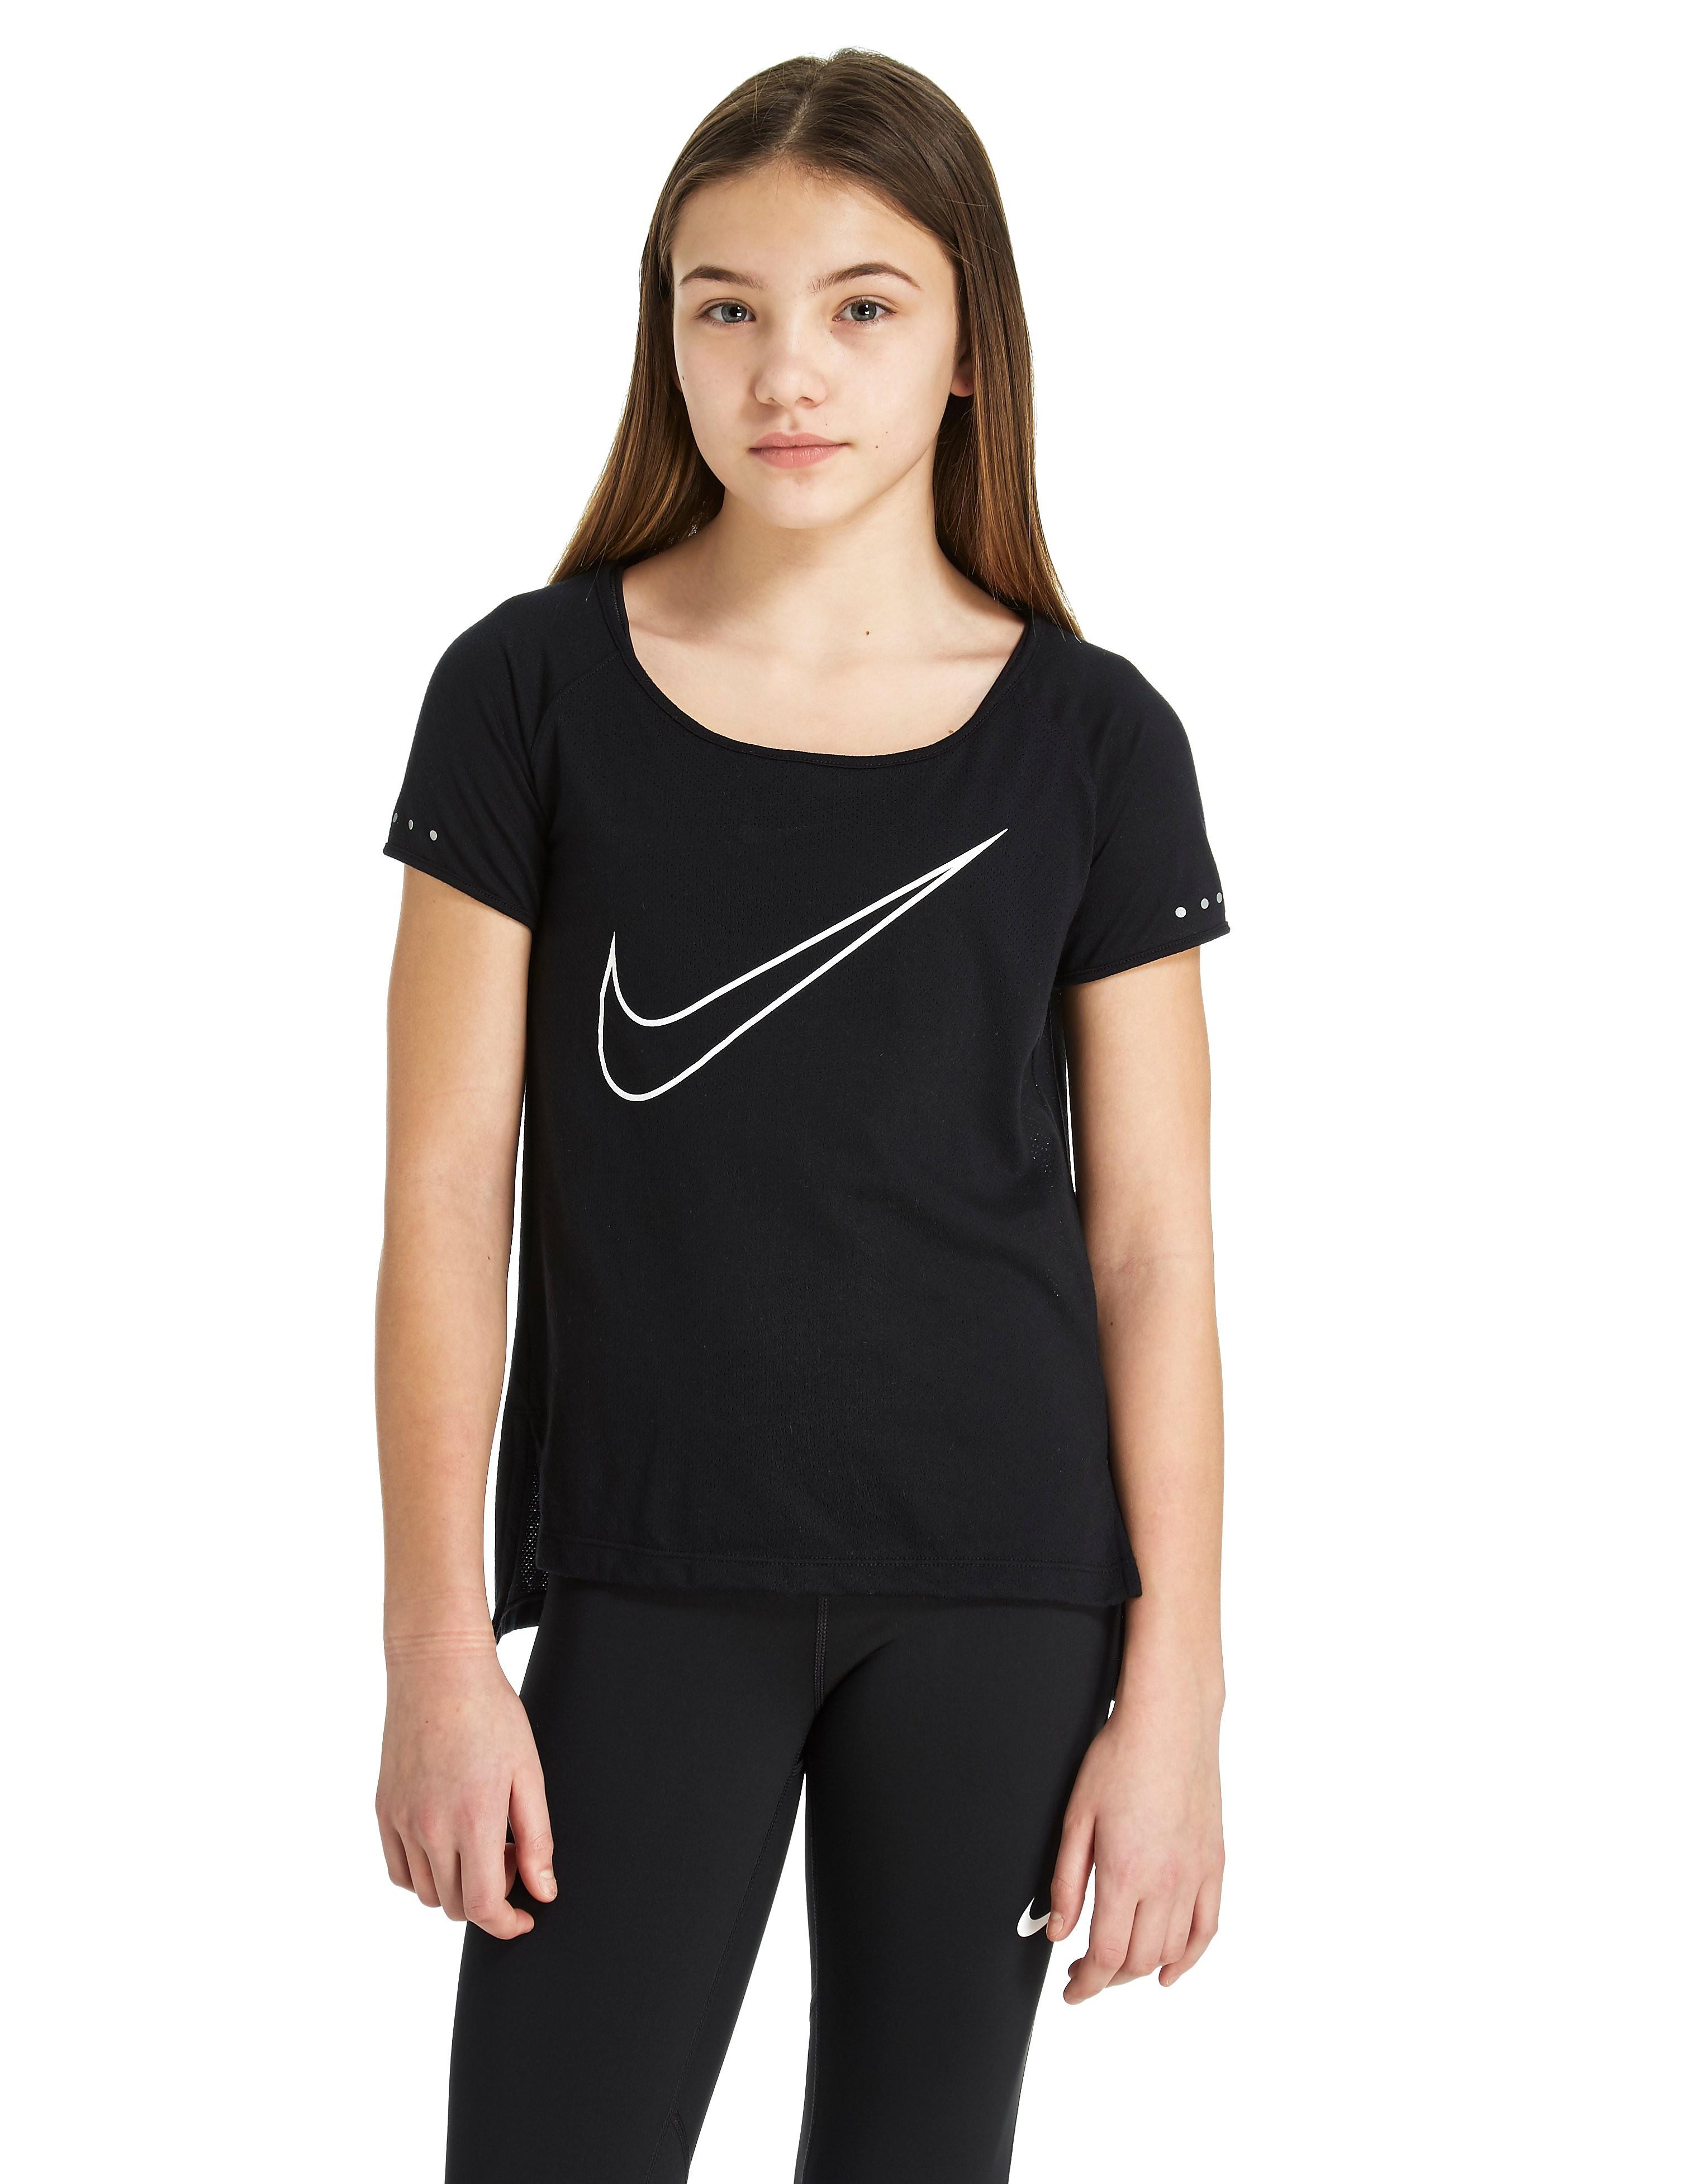 Nike Girls' Dry Running Top Junior